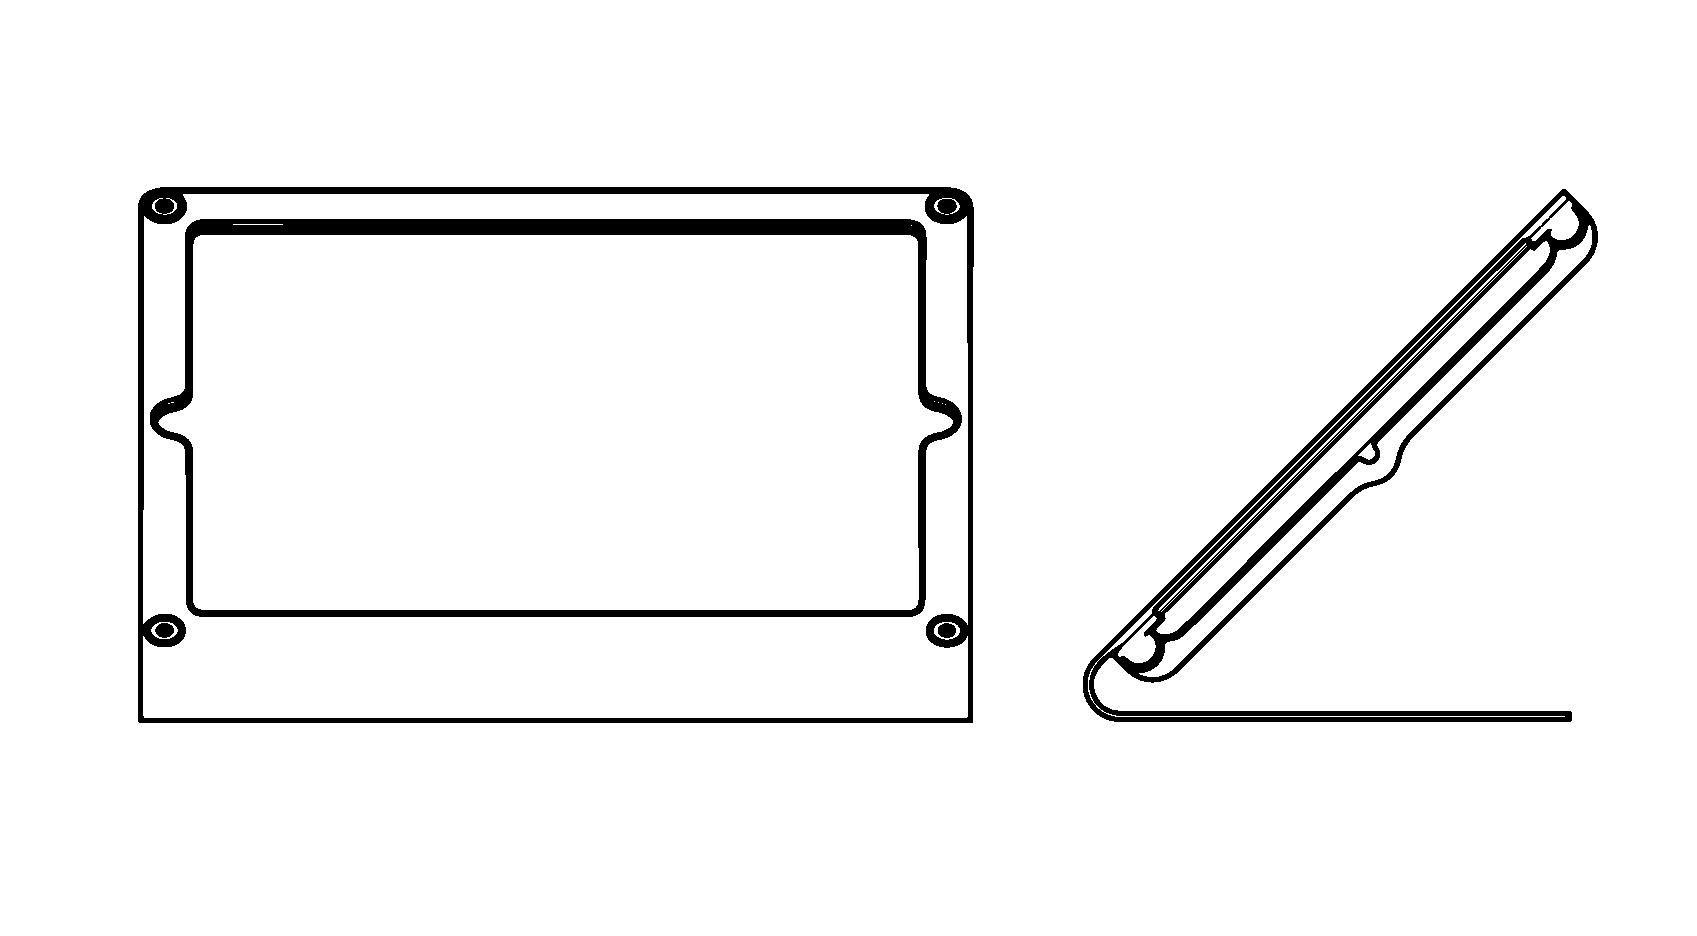 mini-stand-spec-01.png